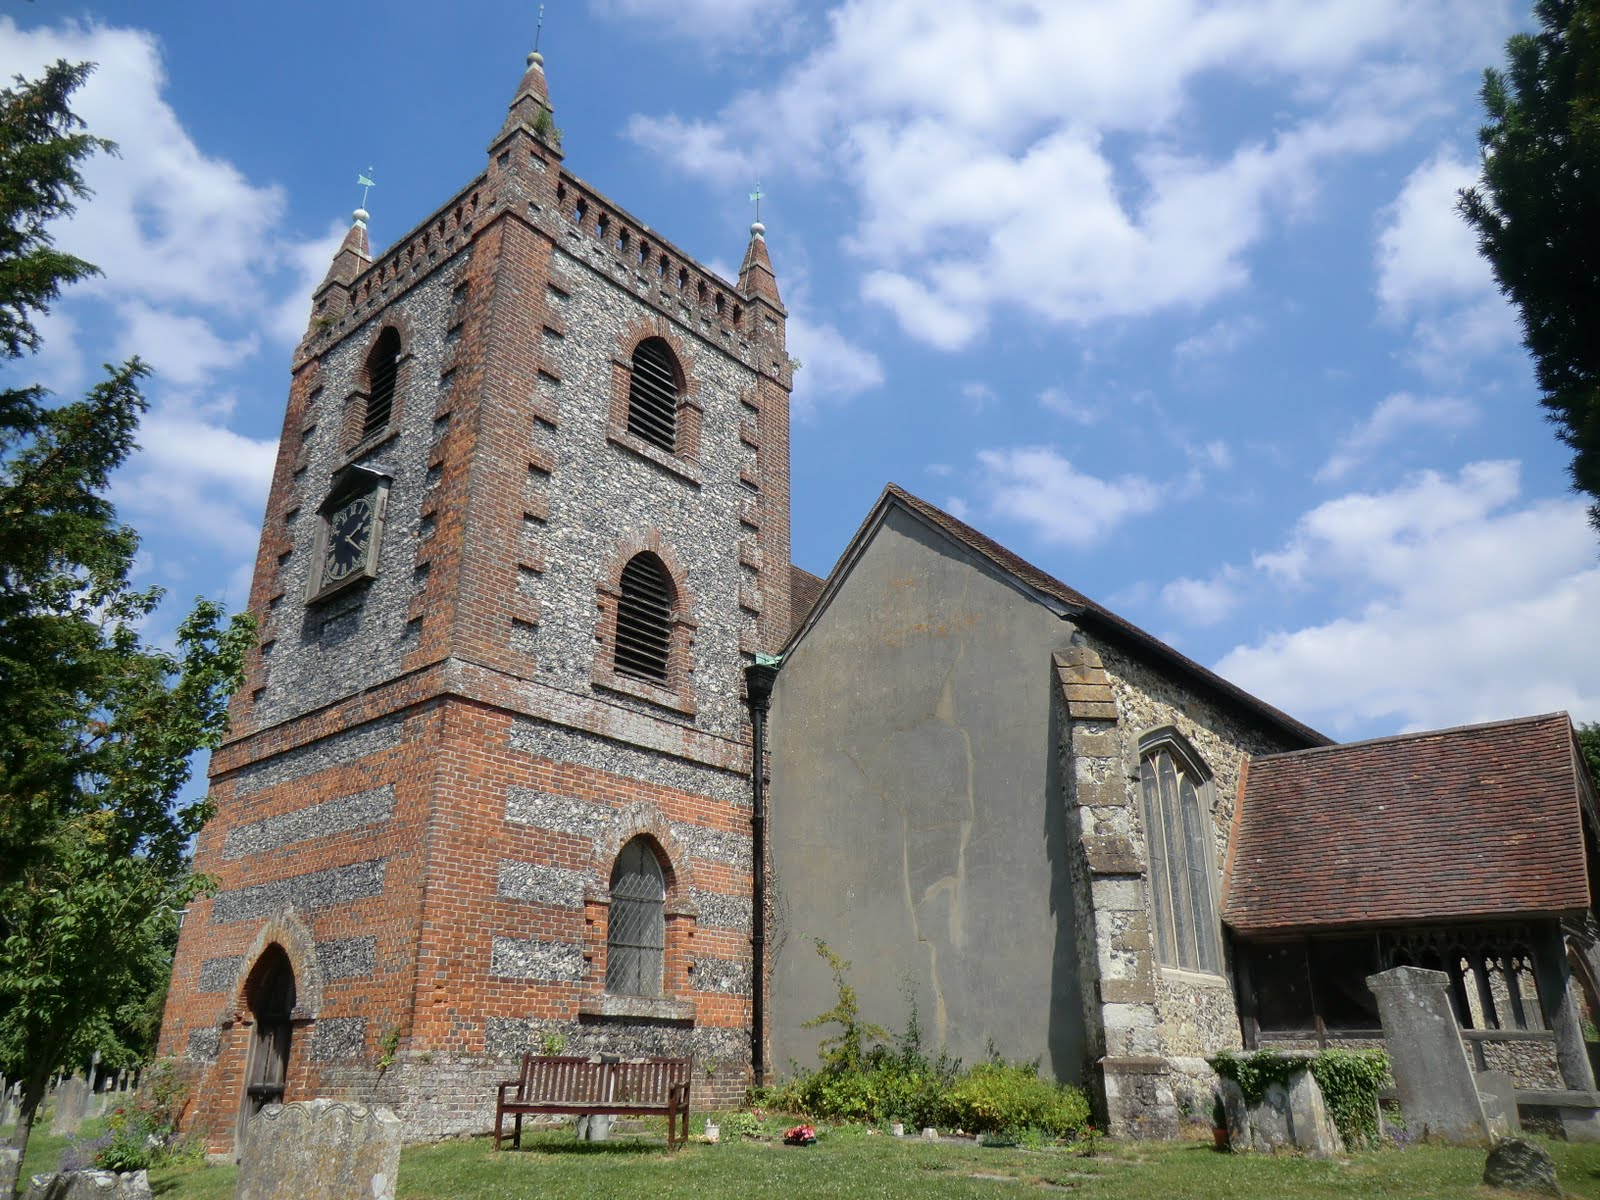 CIMG7488 Church of Ss Peter and Paul, Shoreham